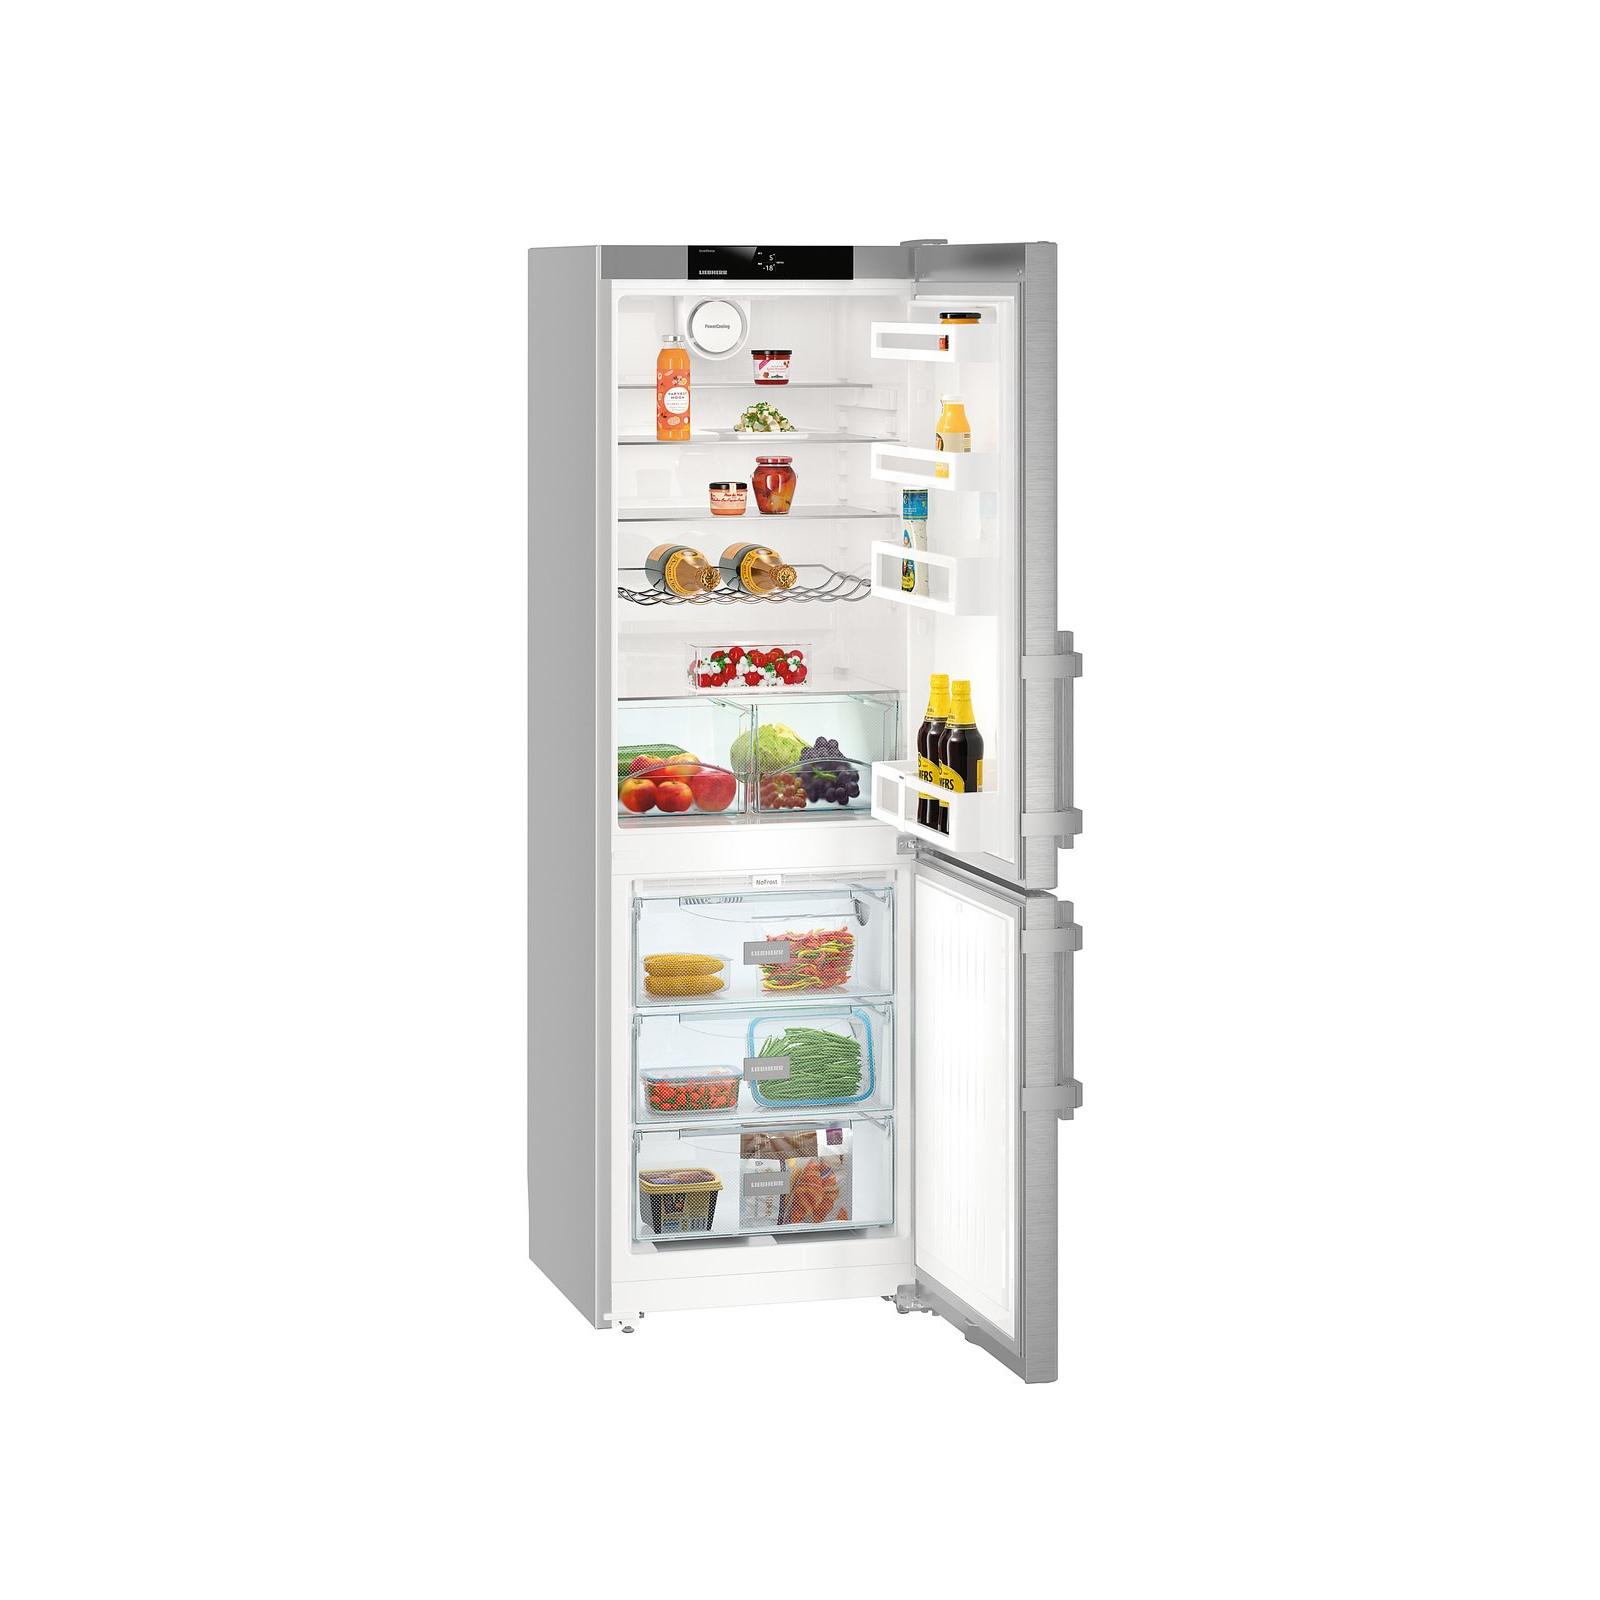 Холодильник Liebherr CNef 3515 изображение 6